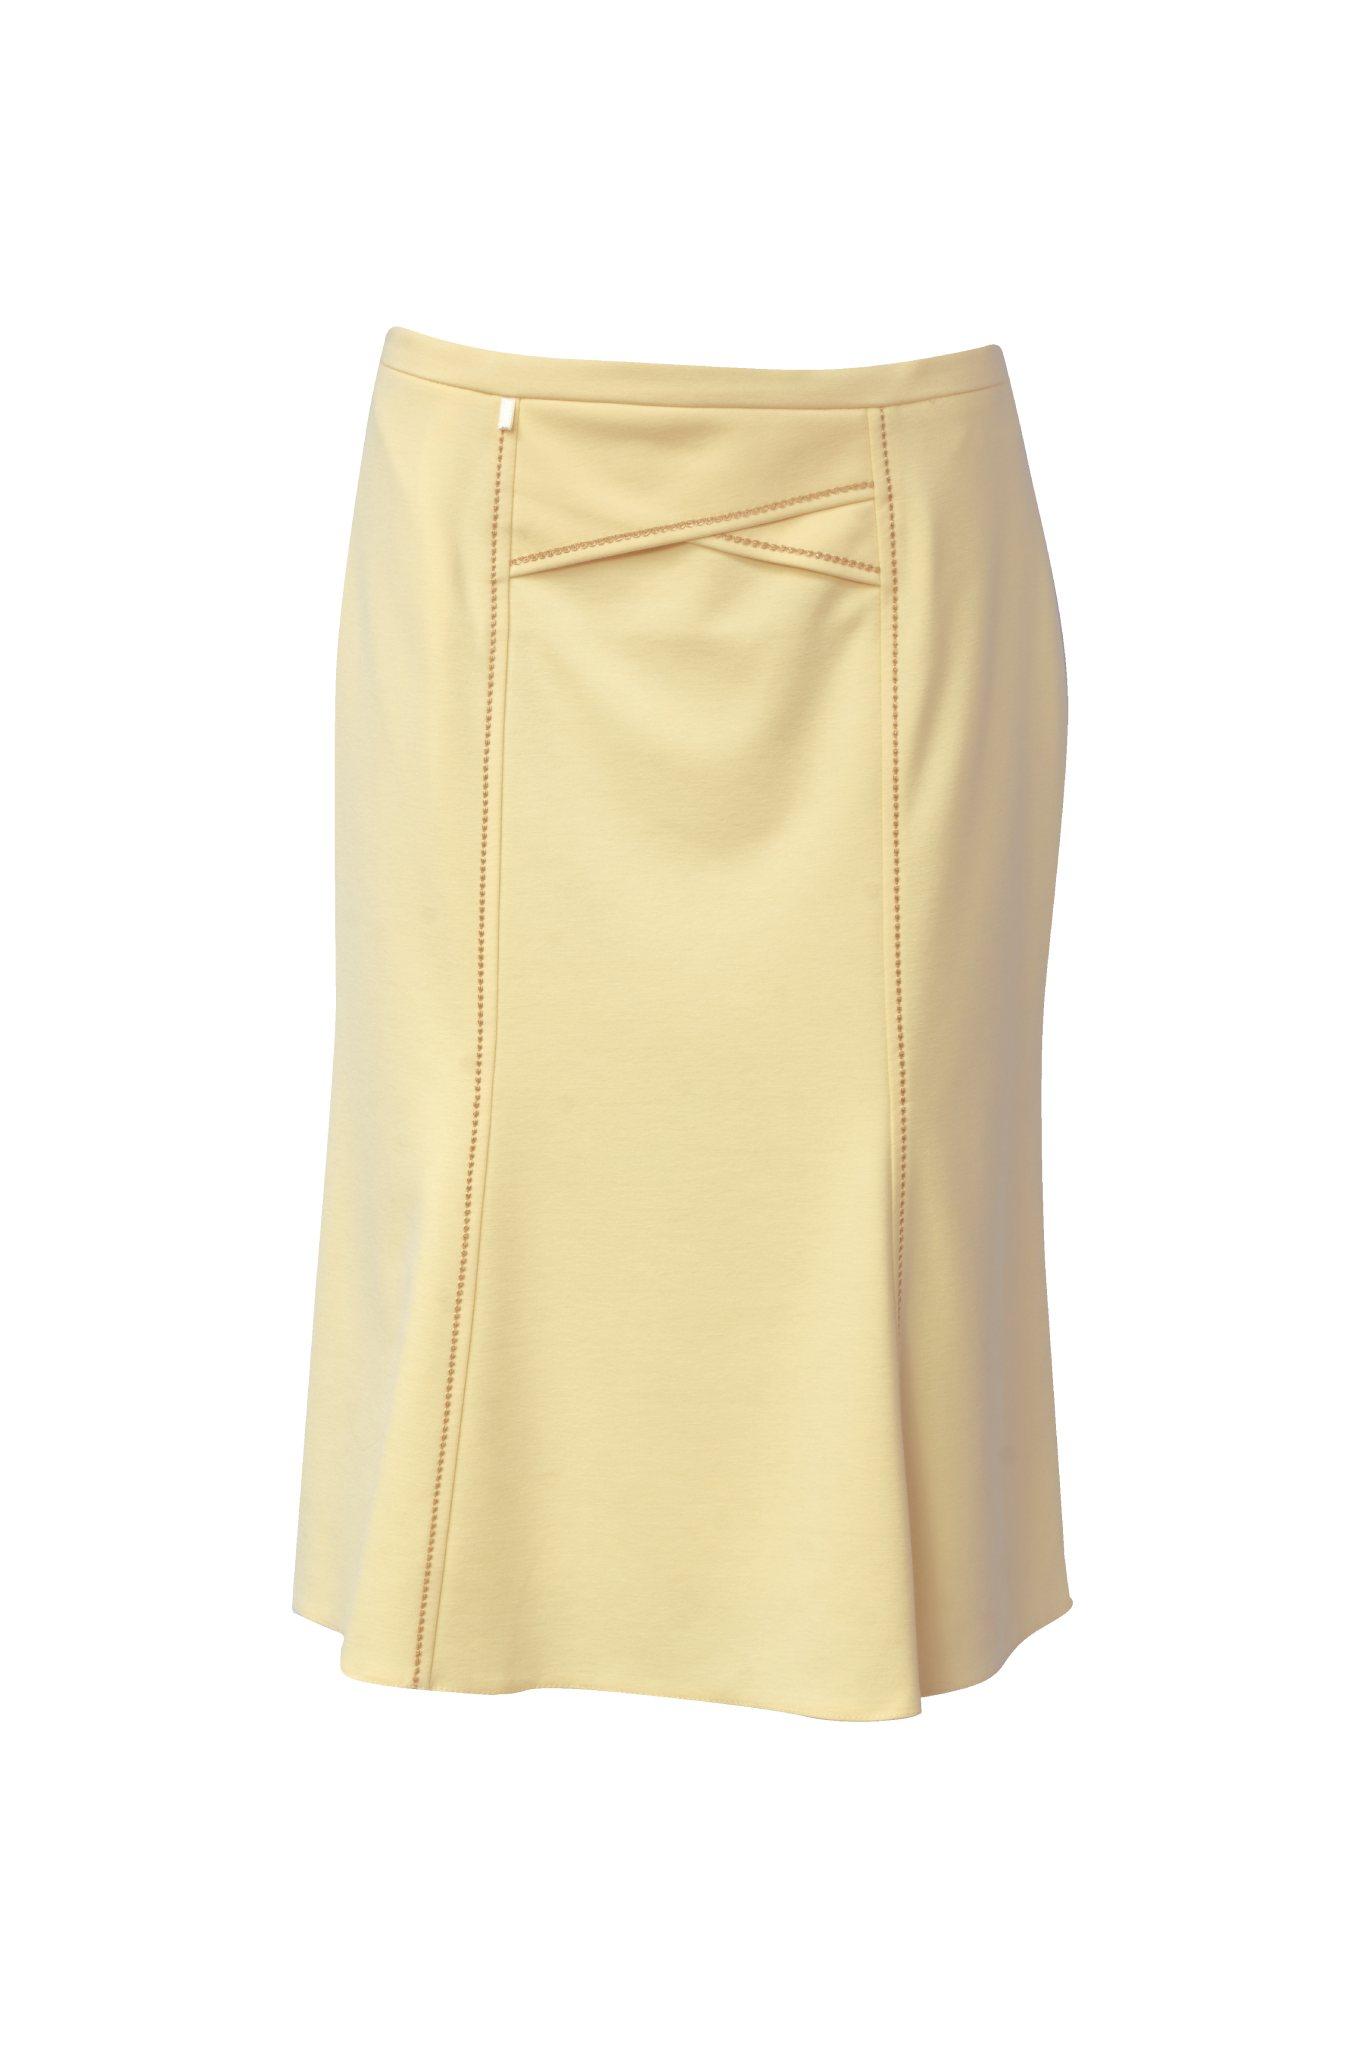 885 Jumitex zolta rozszerzana spodnica